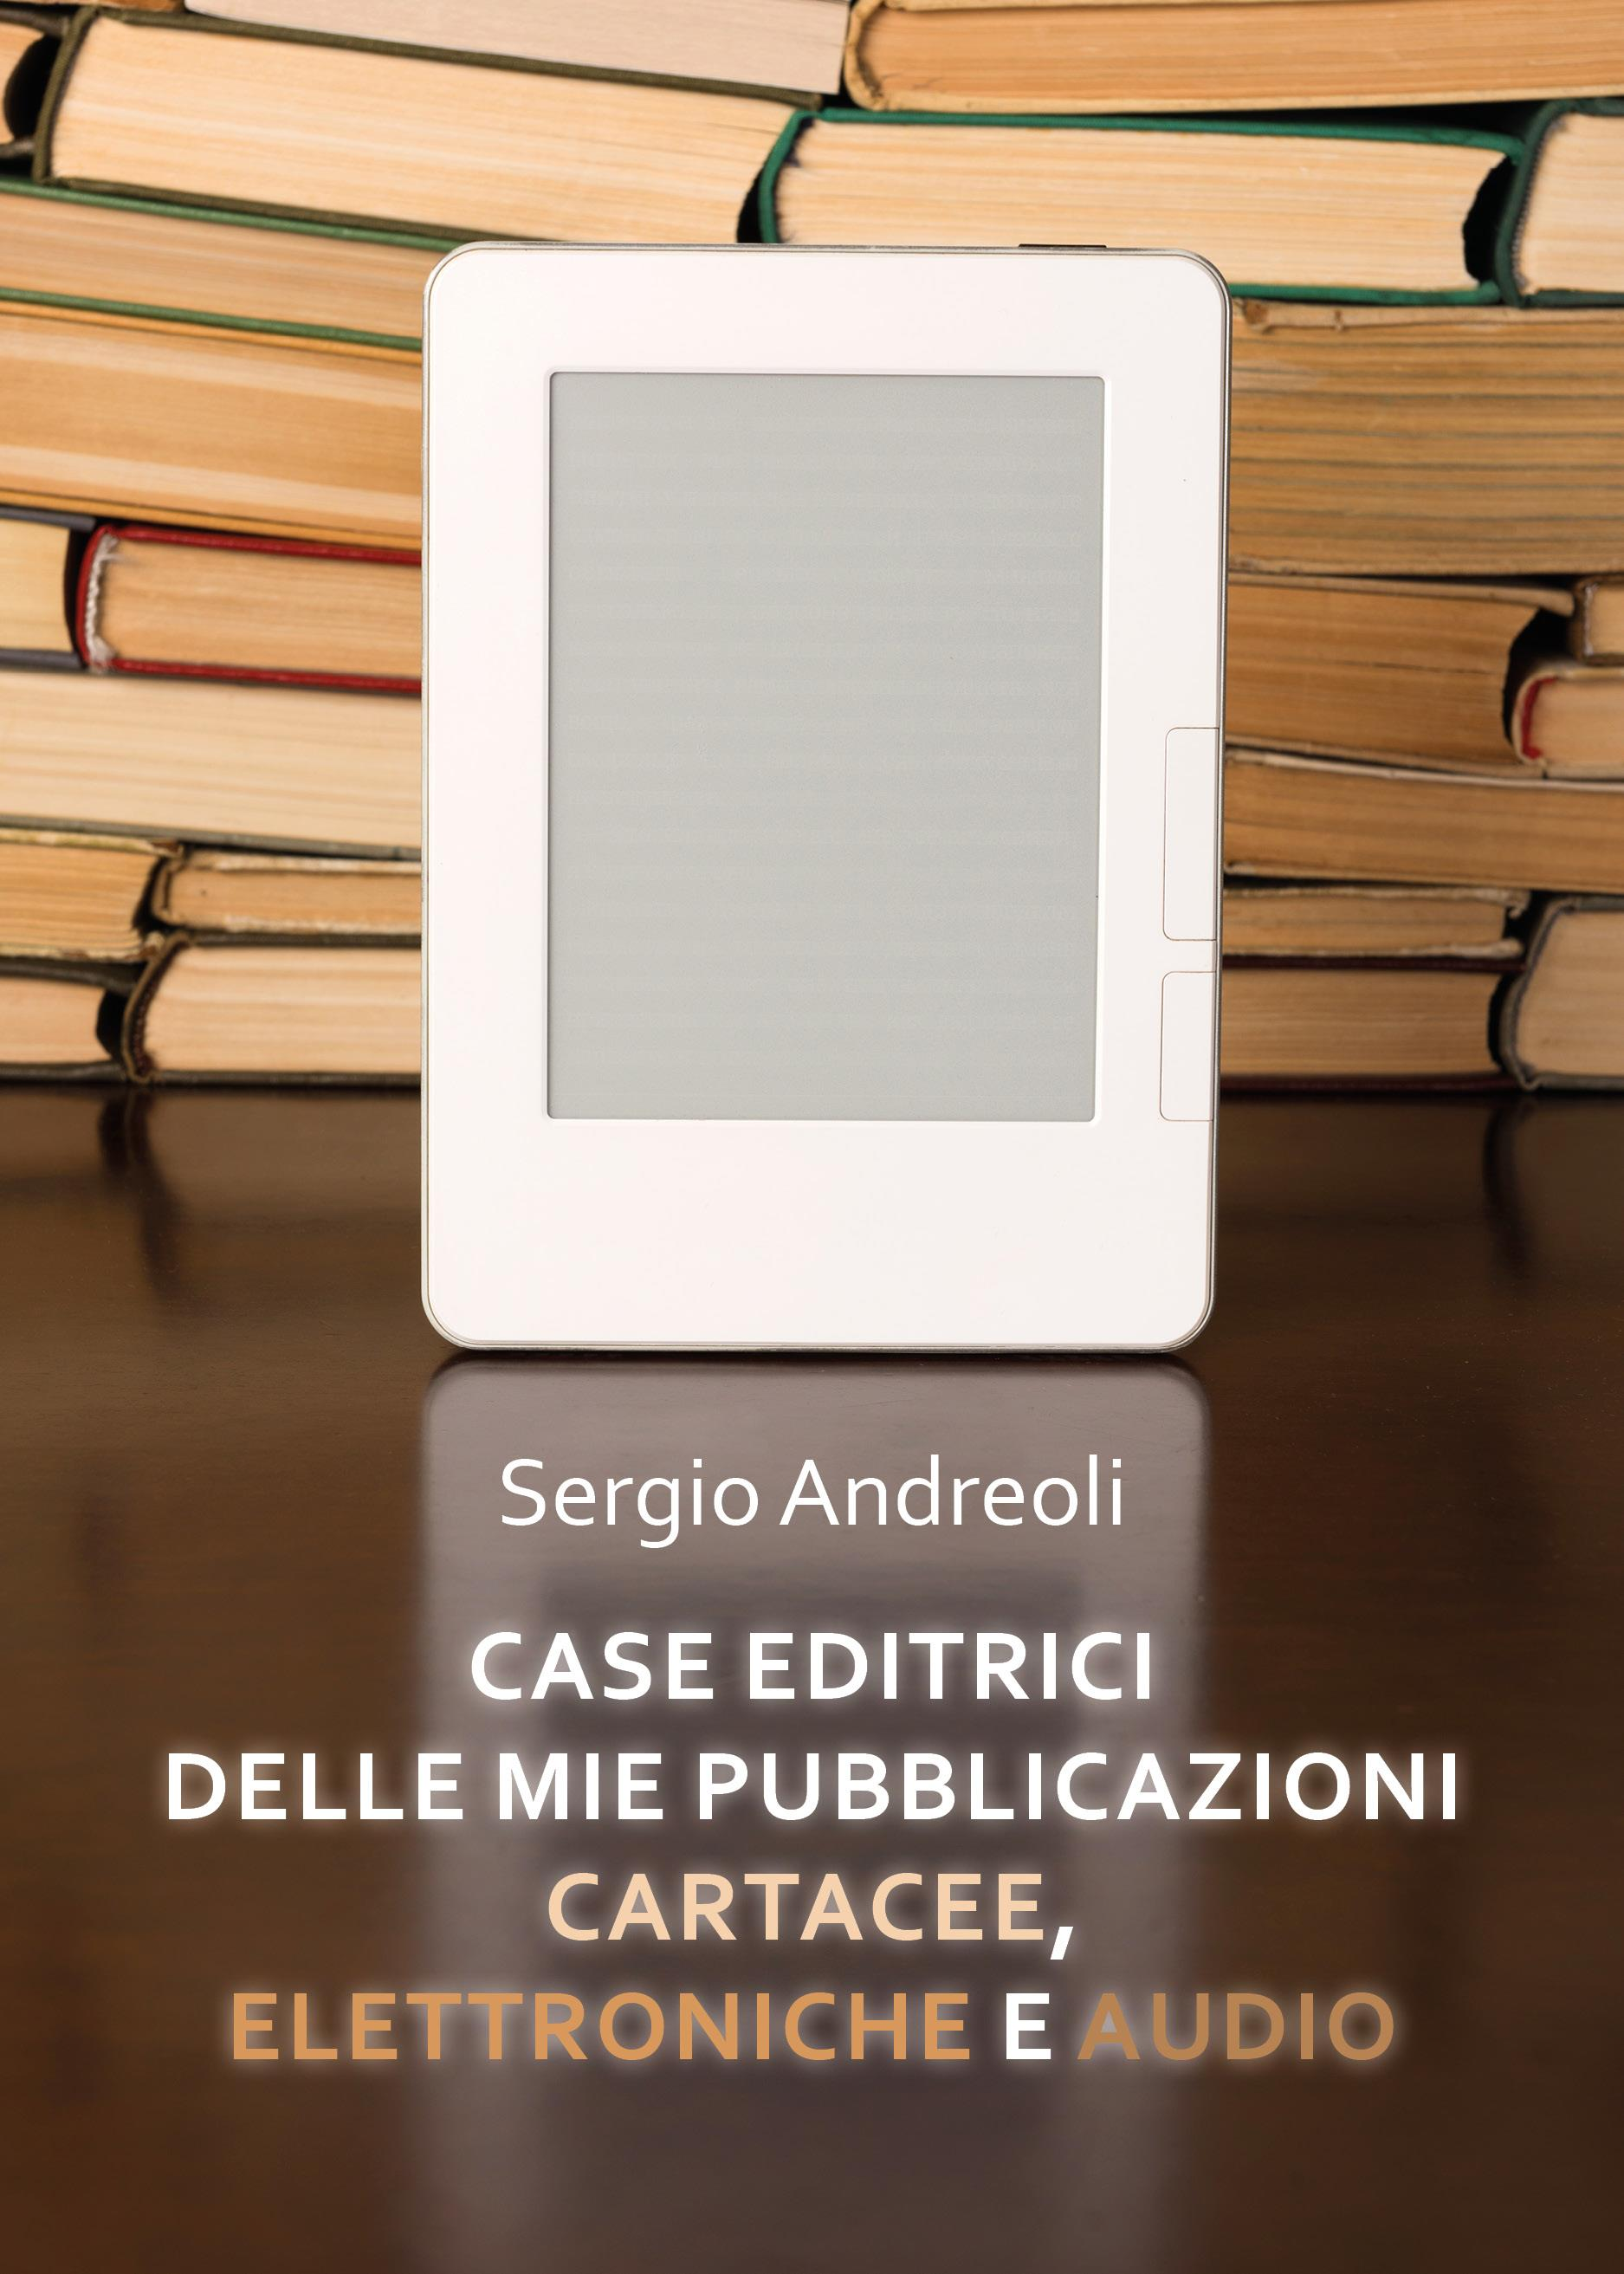 Case editrici delle mie pubblicazioni cartacee, elettroniche e audio